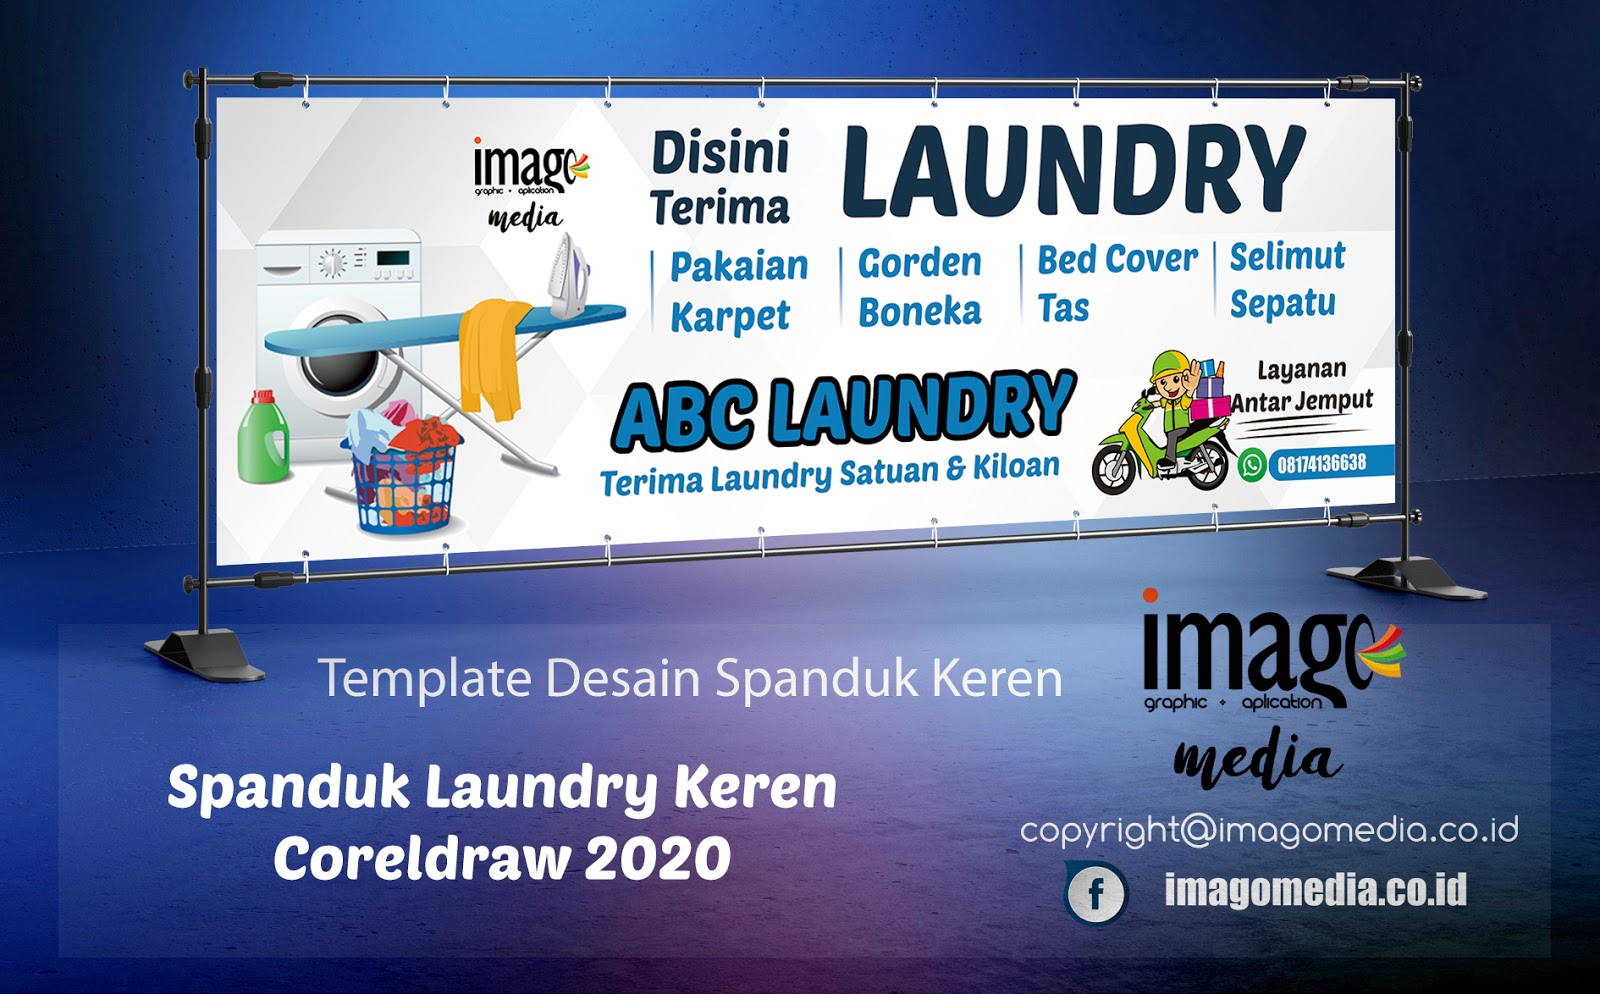 Desain Spanduk Laundry Keren Coreldraw 2020